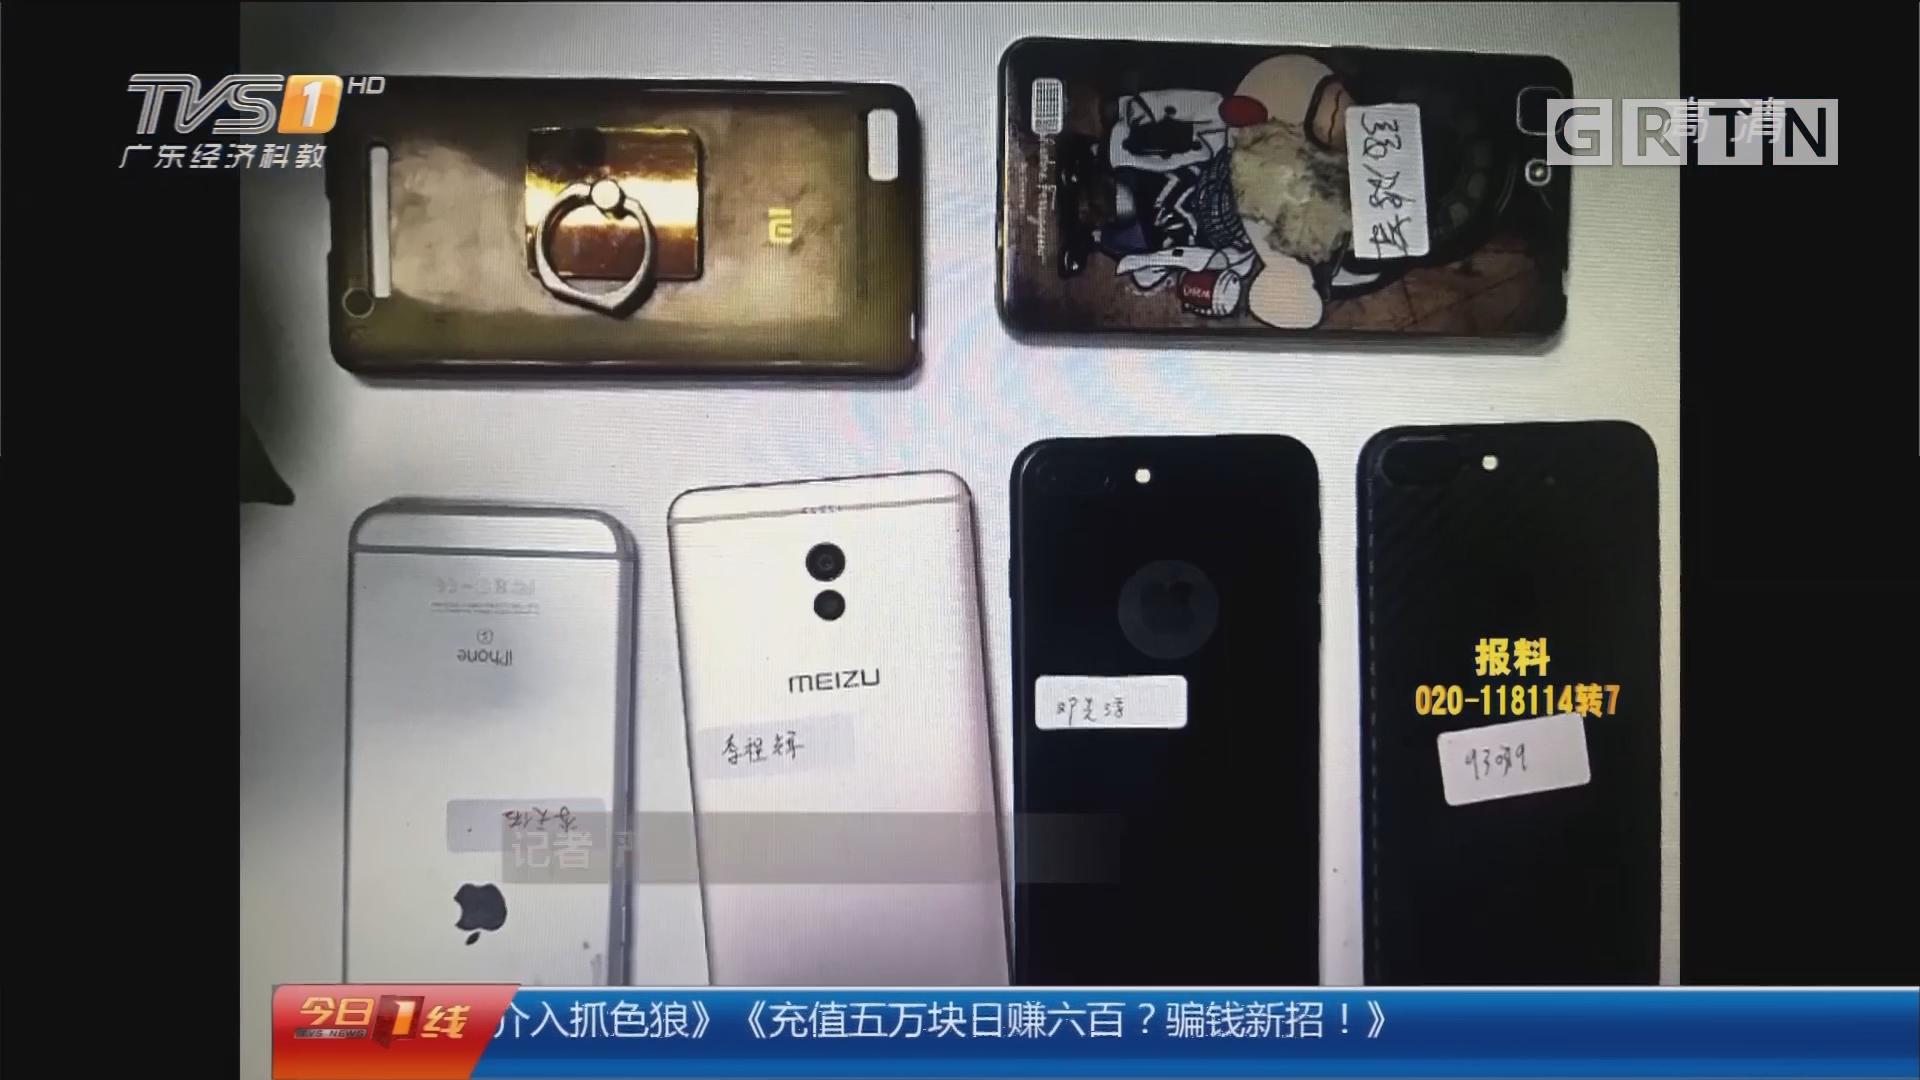 深圳:外卖小哥起歪念 偷六部手机被拘